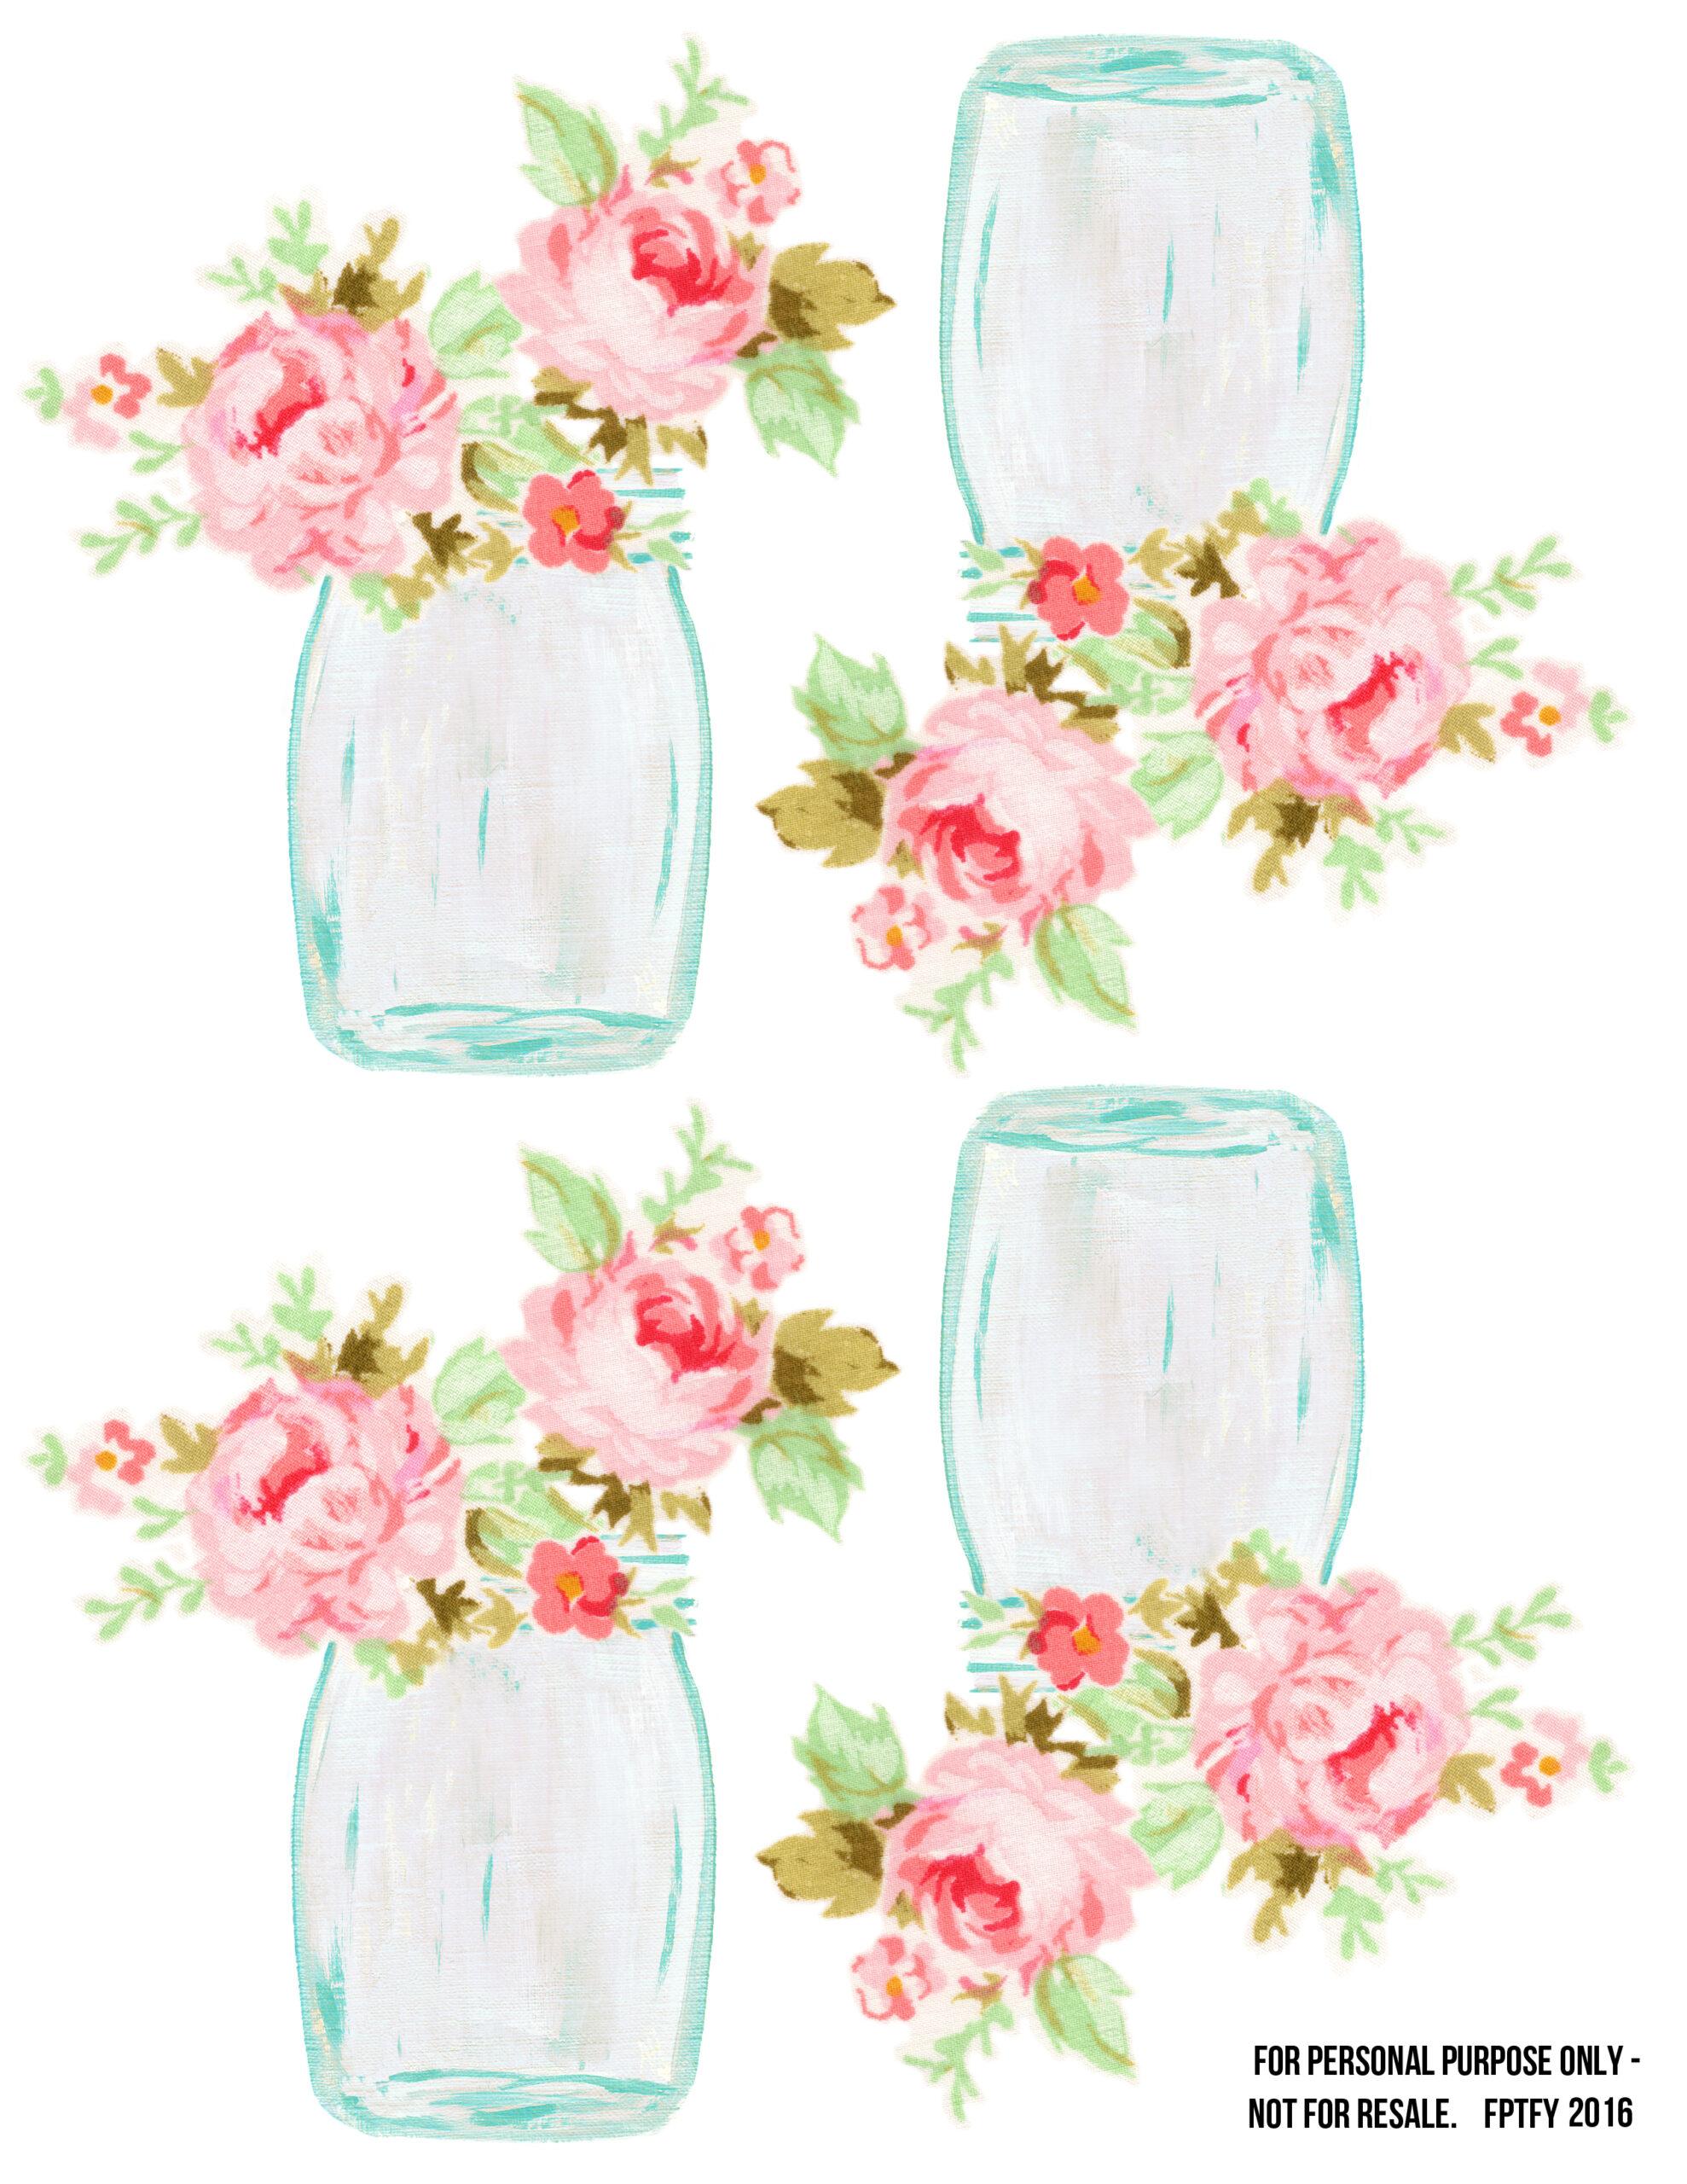 Free Mason Jar Floral Tags- Pretty! - Free Pretty Things ...